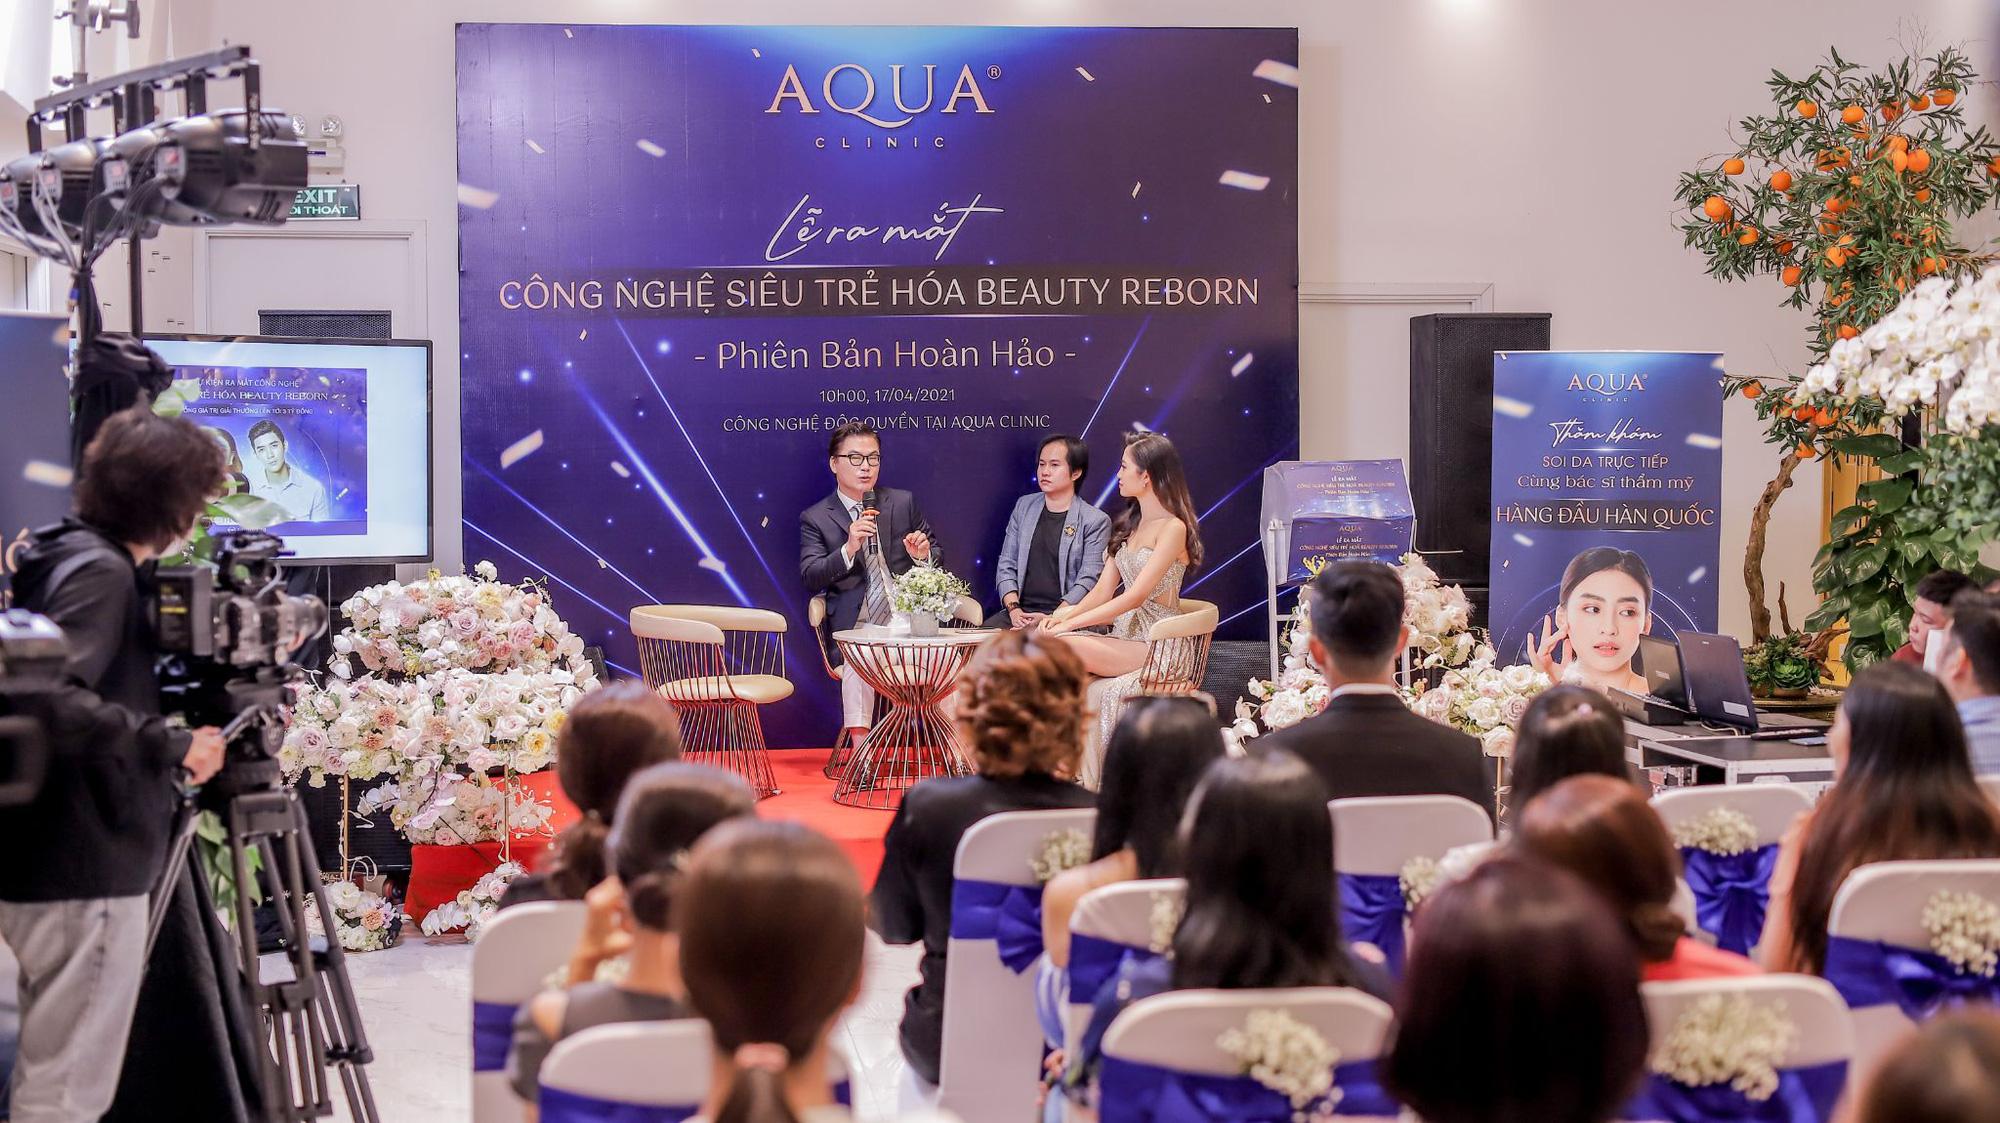 Tìm hiểu công nghệ siêu trẻ hoá Beauty Reborn tại Aqua Clinic - Ảnh 1.